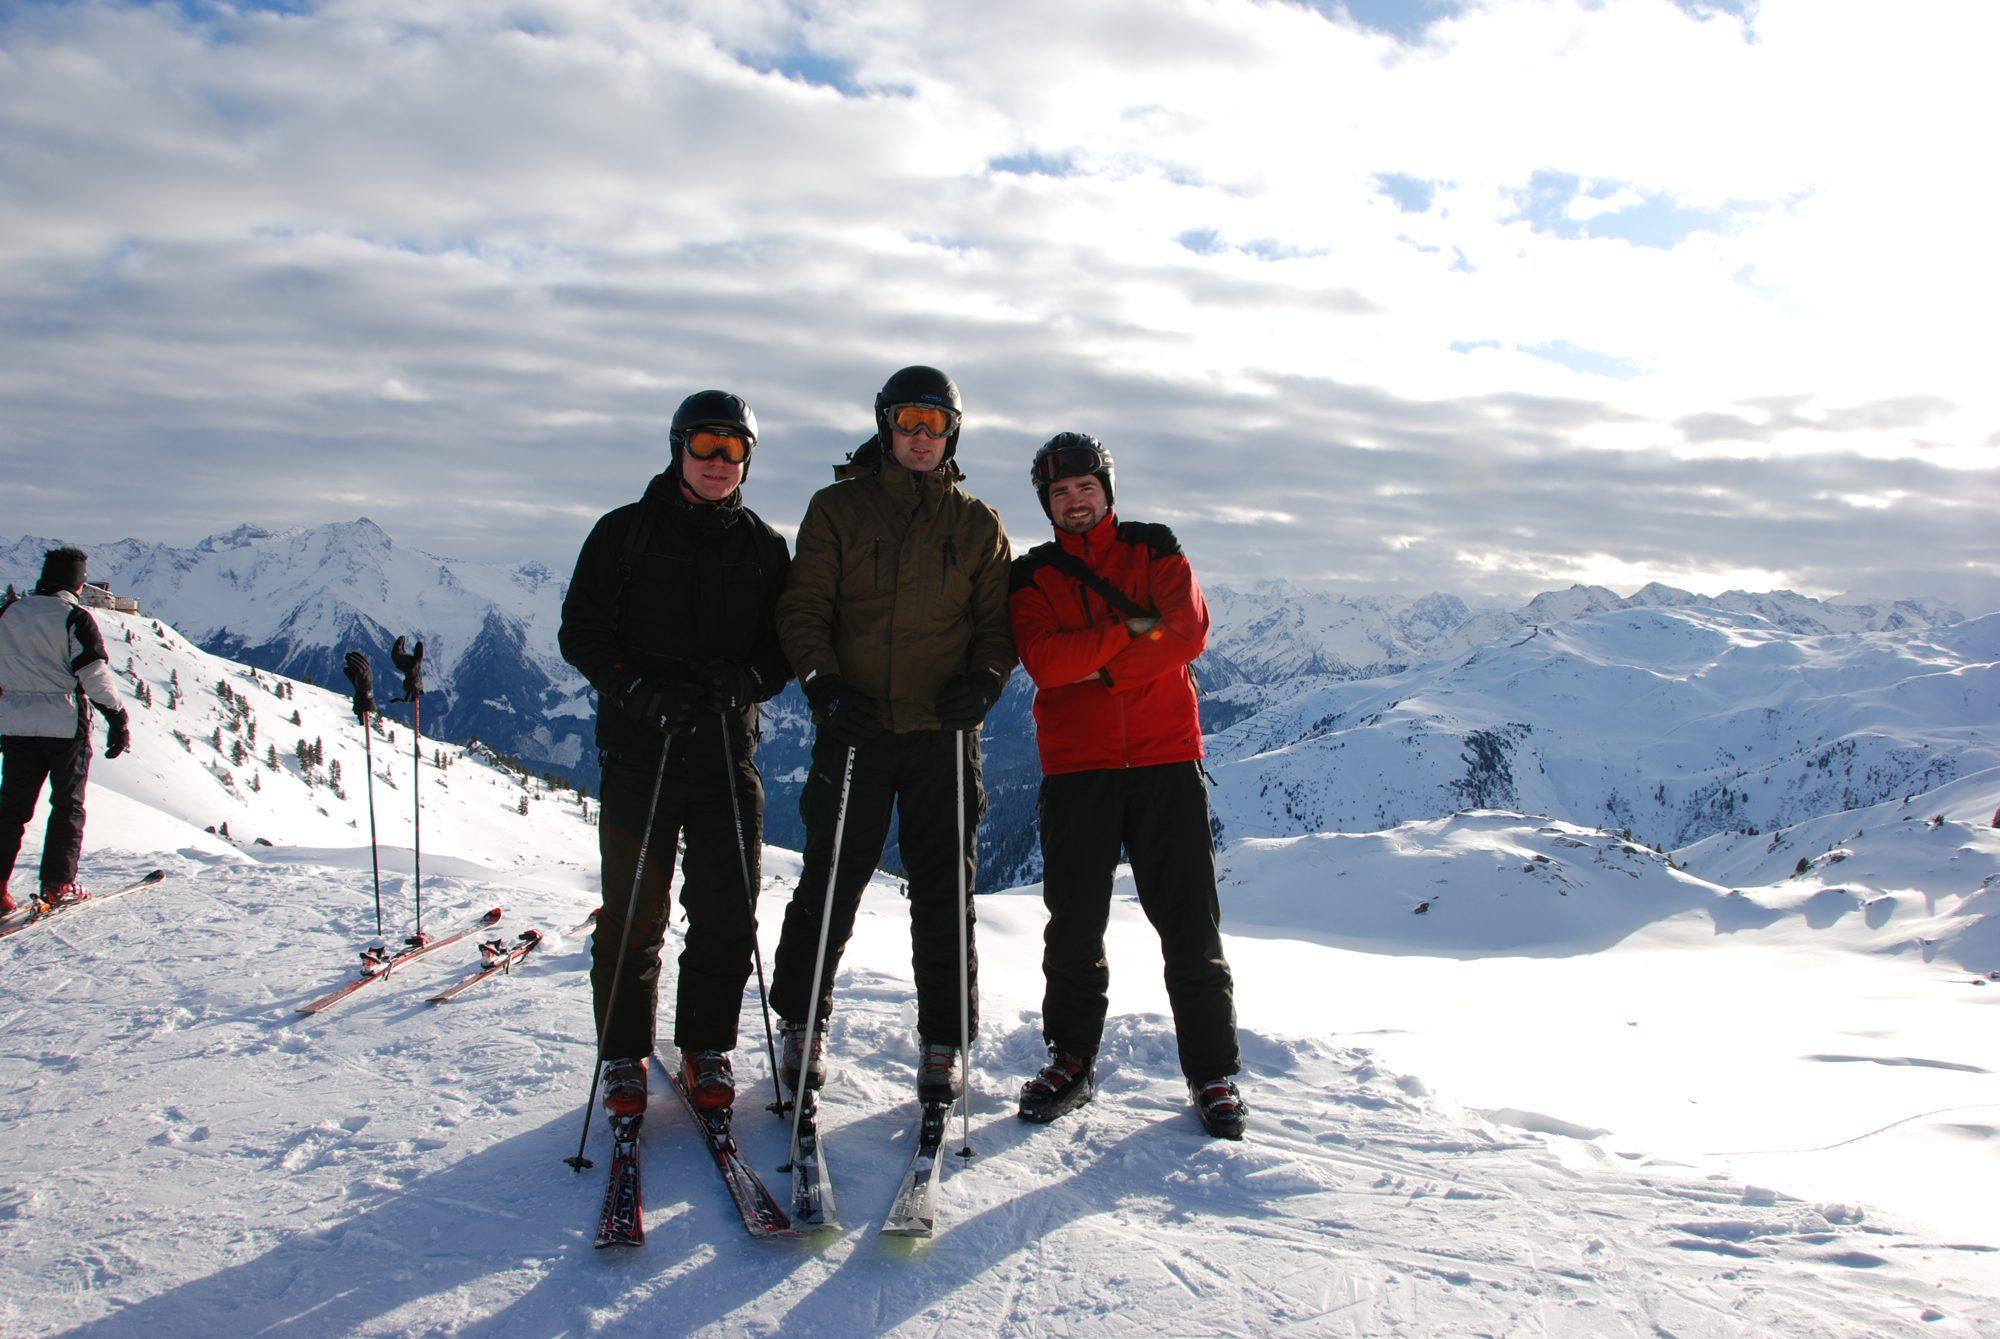 Januar 2010 - Skifahren im Zillertal. Ray, Jan und Thilo.